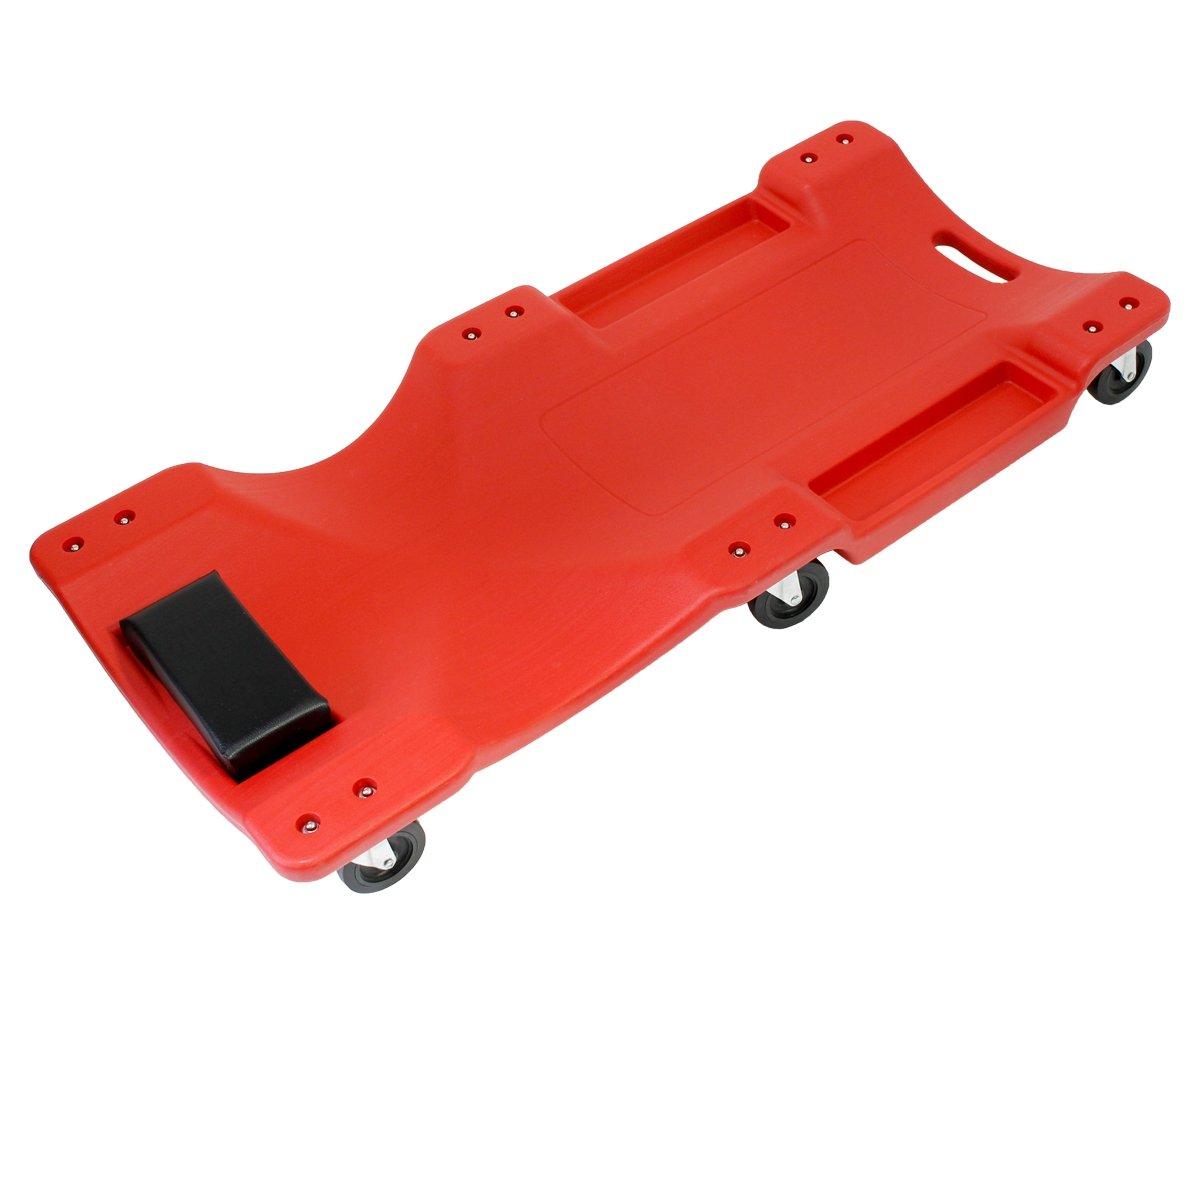 ECD Germany KFZ Rollbrett - bis 150kg - 100 x 47, 5 x 12 cm - mit 6 Rollen und komfortabler Kopfpolsterung - aus PE/PVC - Rot - Rollliege Werkstattliege Montageliege Montagerollbrett